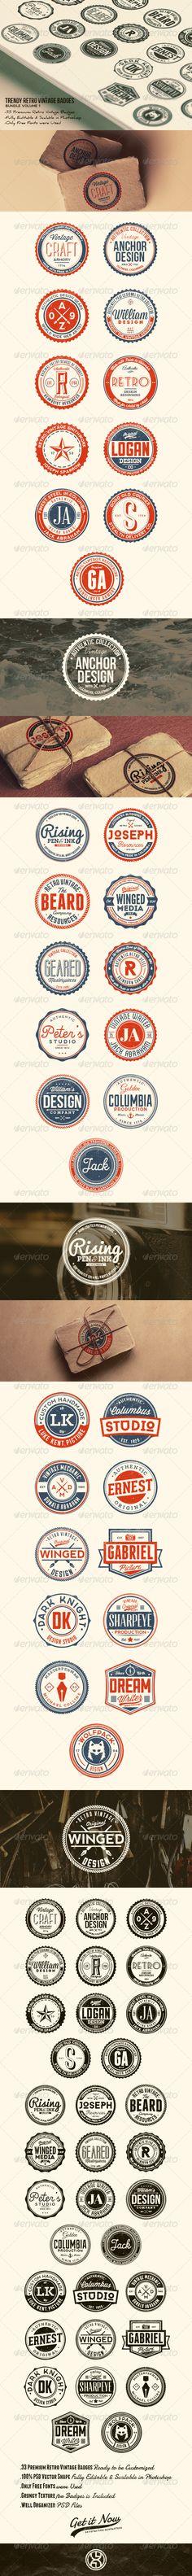 love the color palette N Logo Design, Web Design, Badge Design, Typography Design, Branding Design, Graphic Design, Retro Vintage, Vintage Designs, Vintage Style